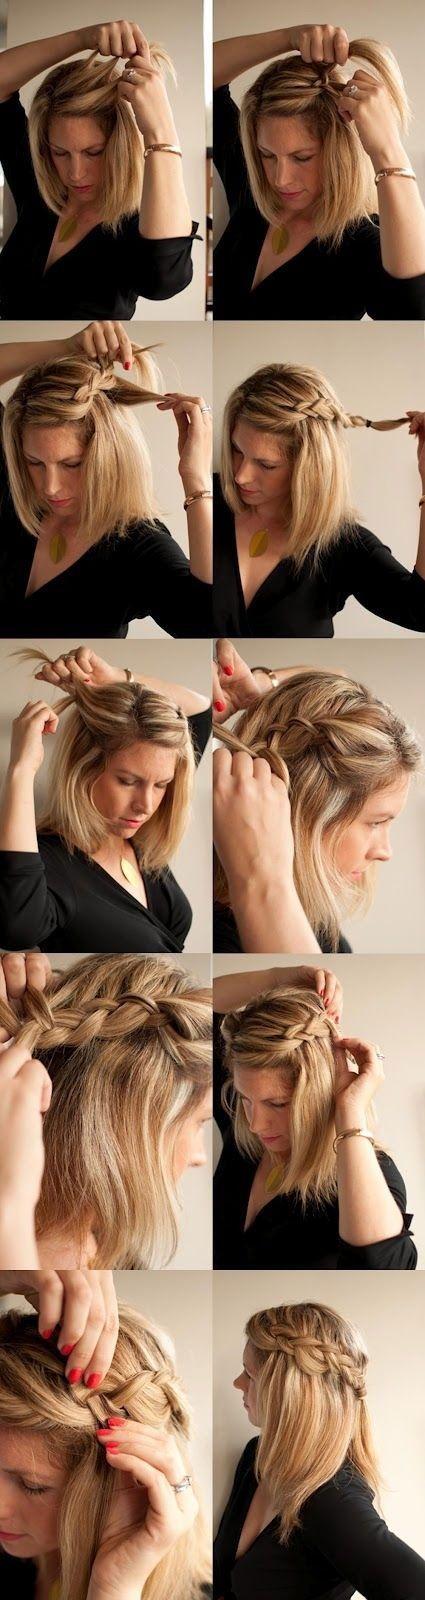 Braided Hair for Mid-length Hair